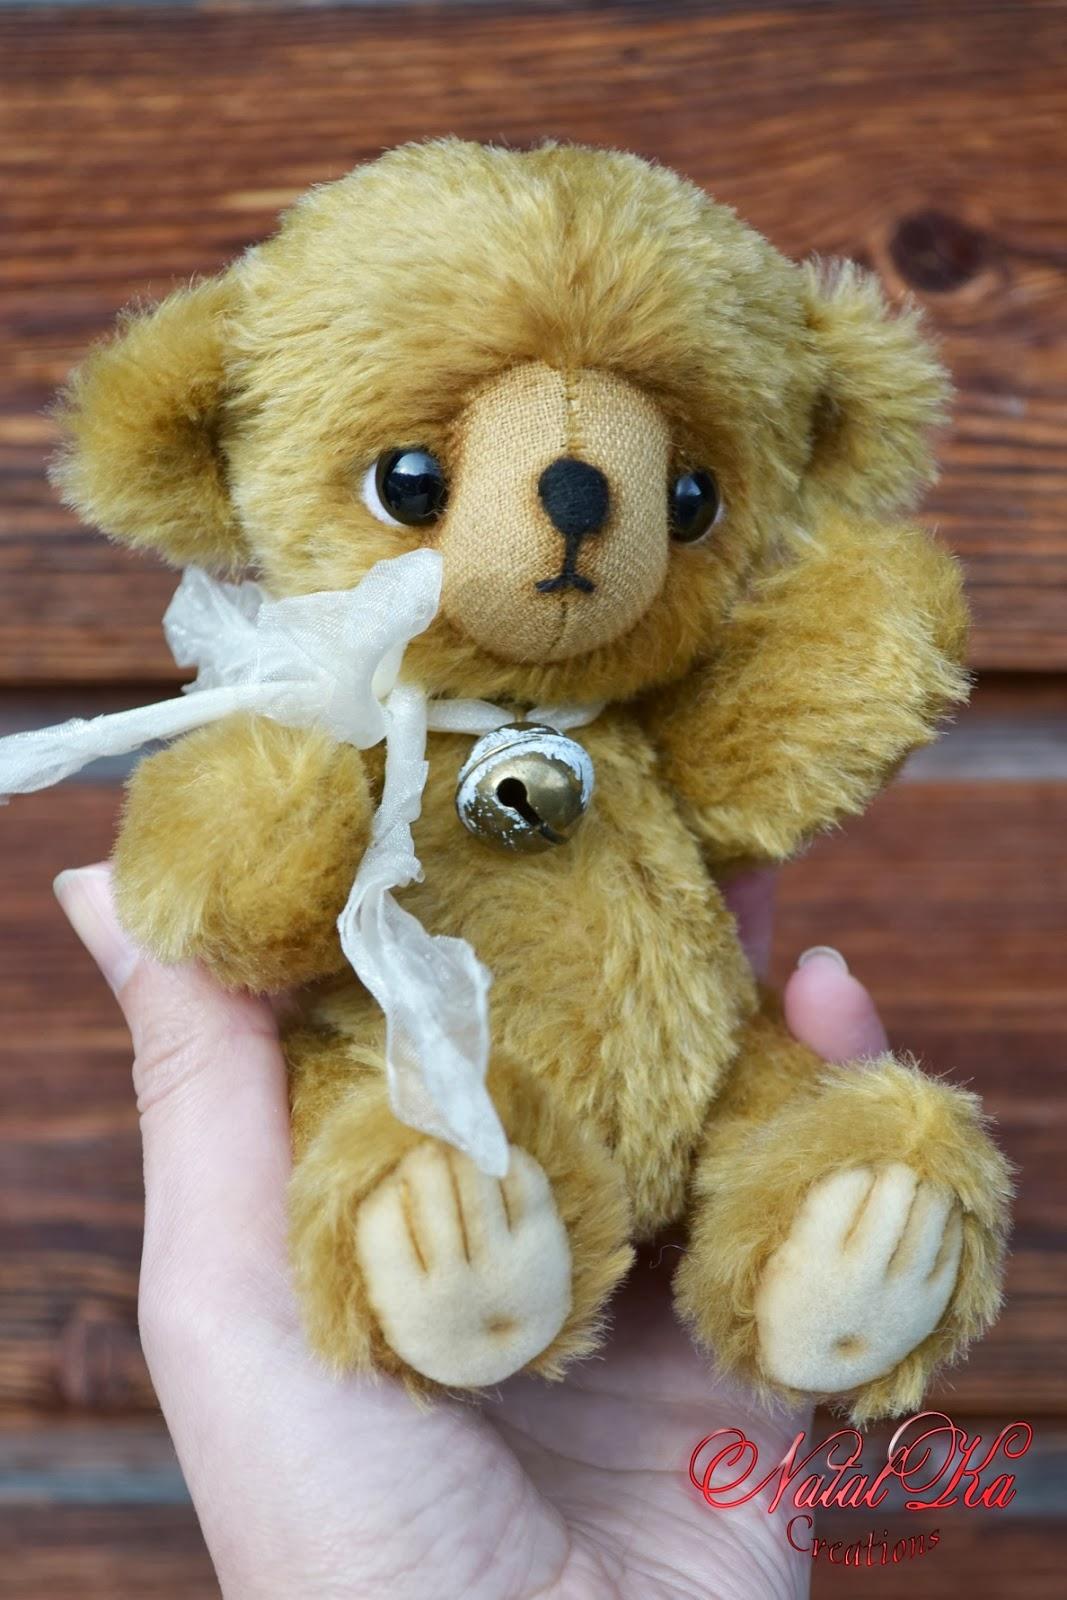 Artist teddy bears handmade by Natalka Creations. Handgemachte Künstler Teddybärs von NatalKa Creations.